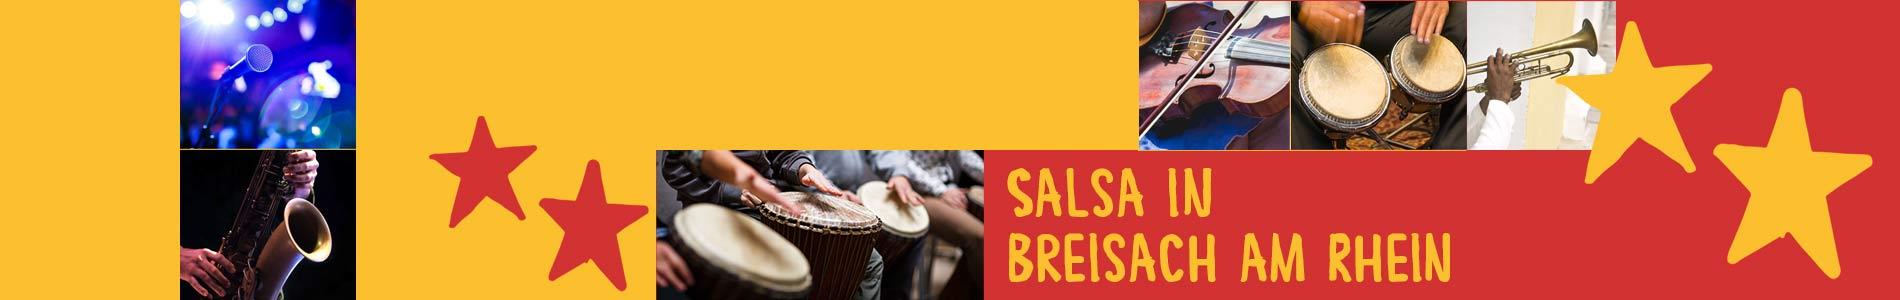 Salsa in Breisach am Rhein – Salsa lernen und tanzen, Tanzkurse, Partys, Veranstaltungen